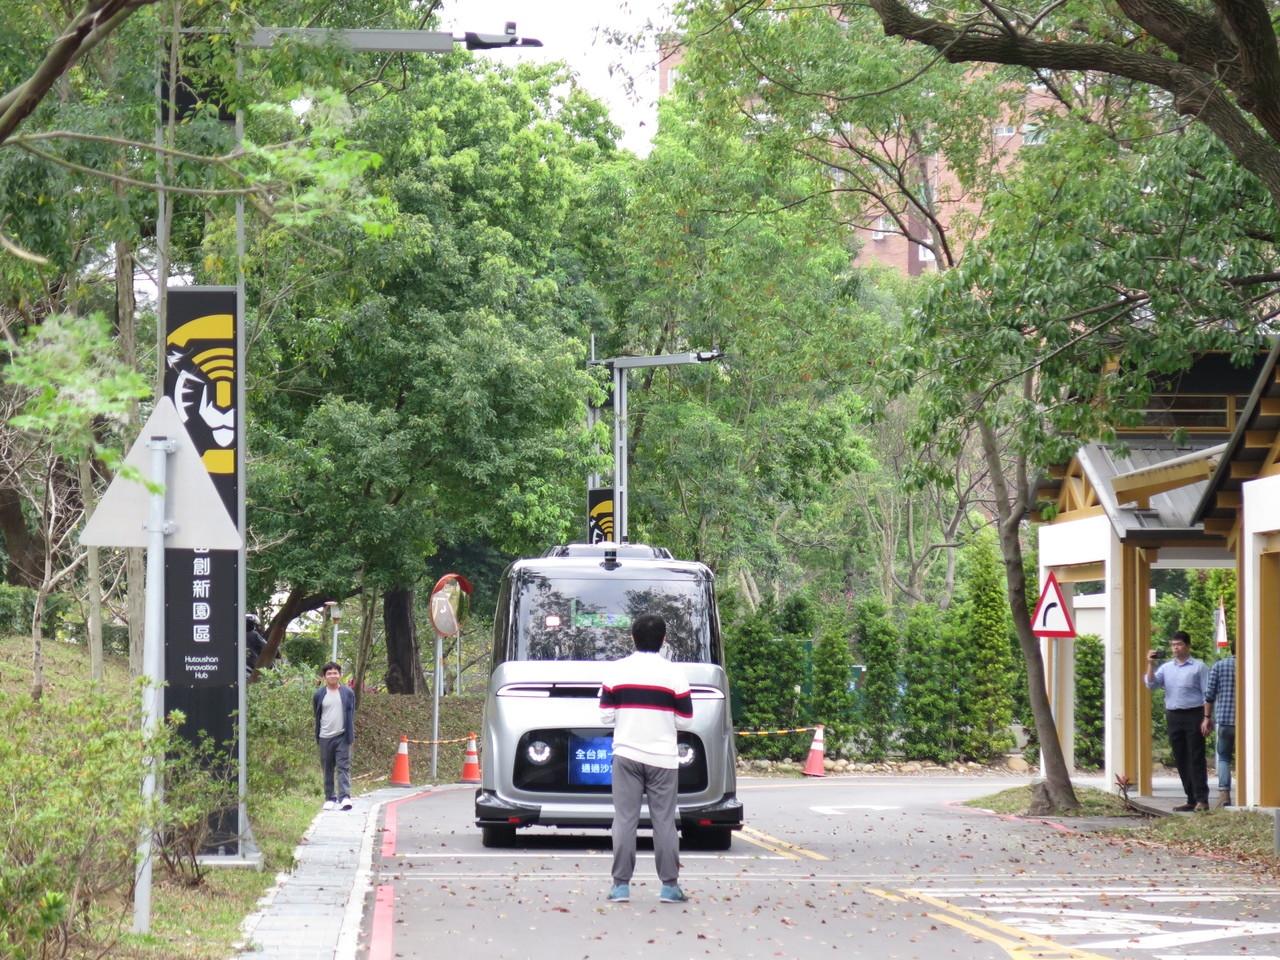 中華電信子公司勤崴國際公司歷經半年在桃園虎頭山創新園區進行自駕車模擬「駕訓」,遇到前方有人會自動停車。記者張裕珍/攝影